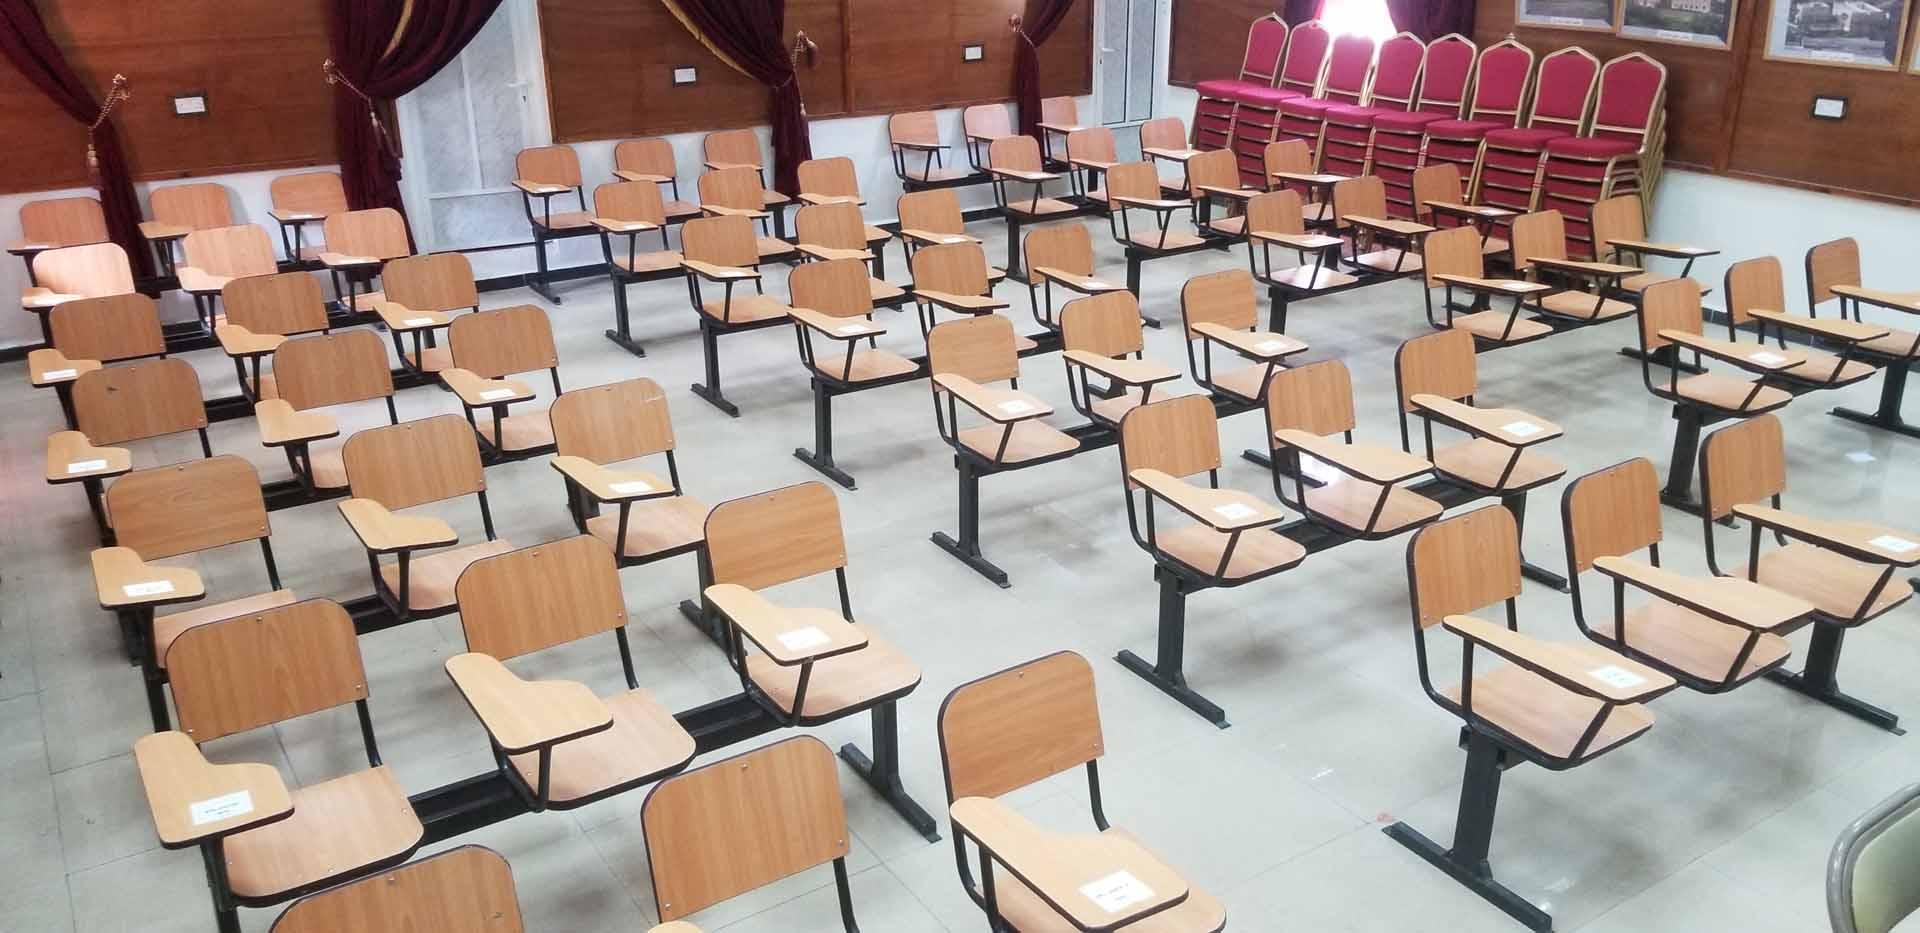 القاعات الدراسية جامعة جبلة